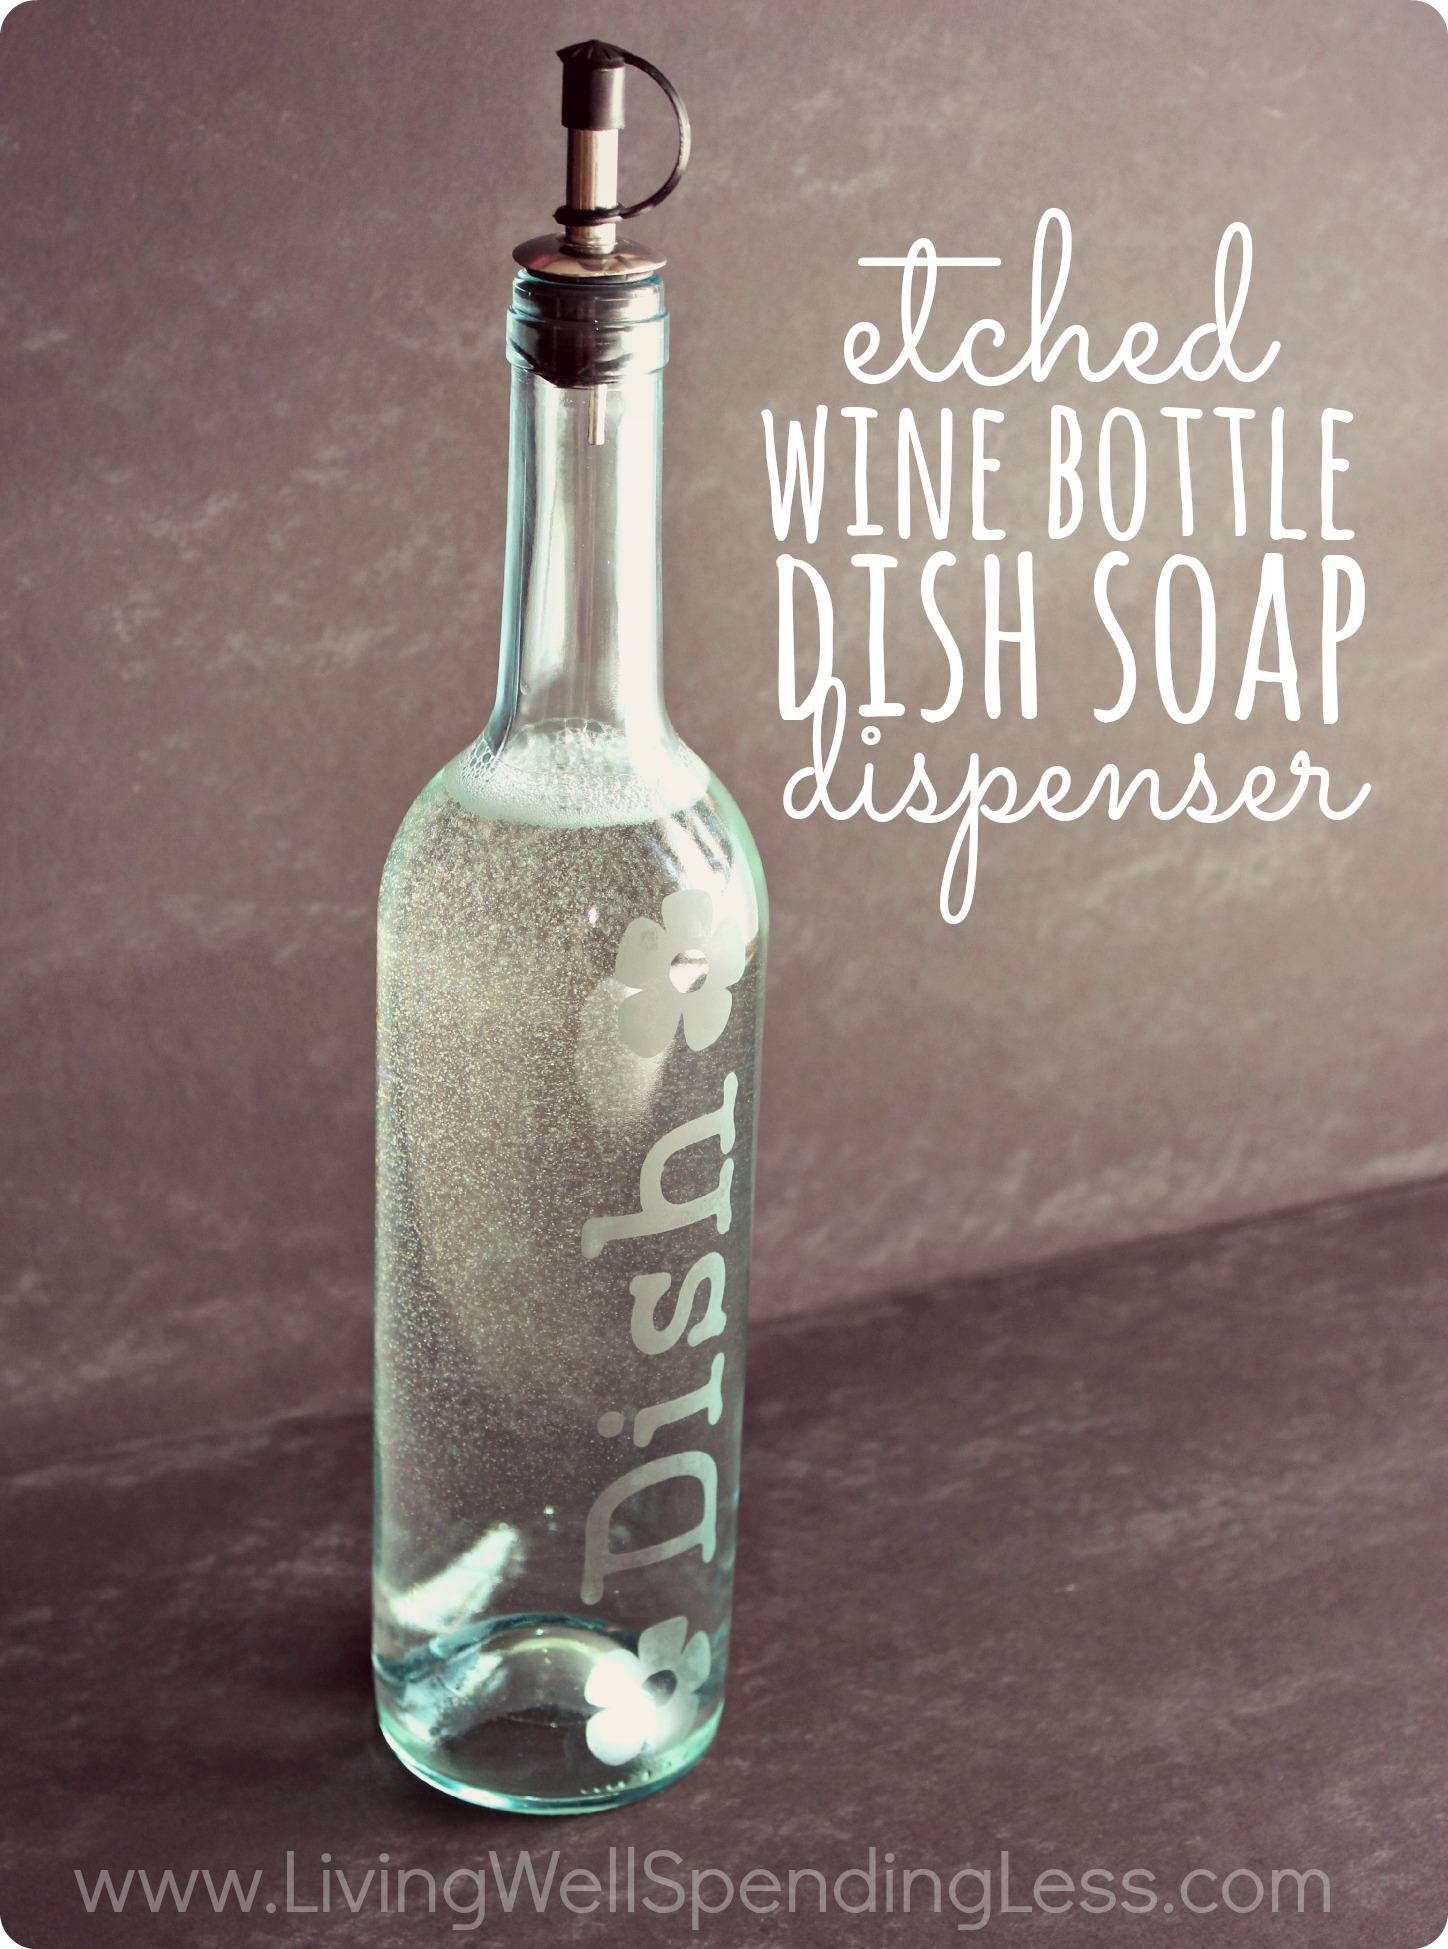 Diy etched wine bottle soap dispenser who knew glass for Wine bottle glasses diy